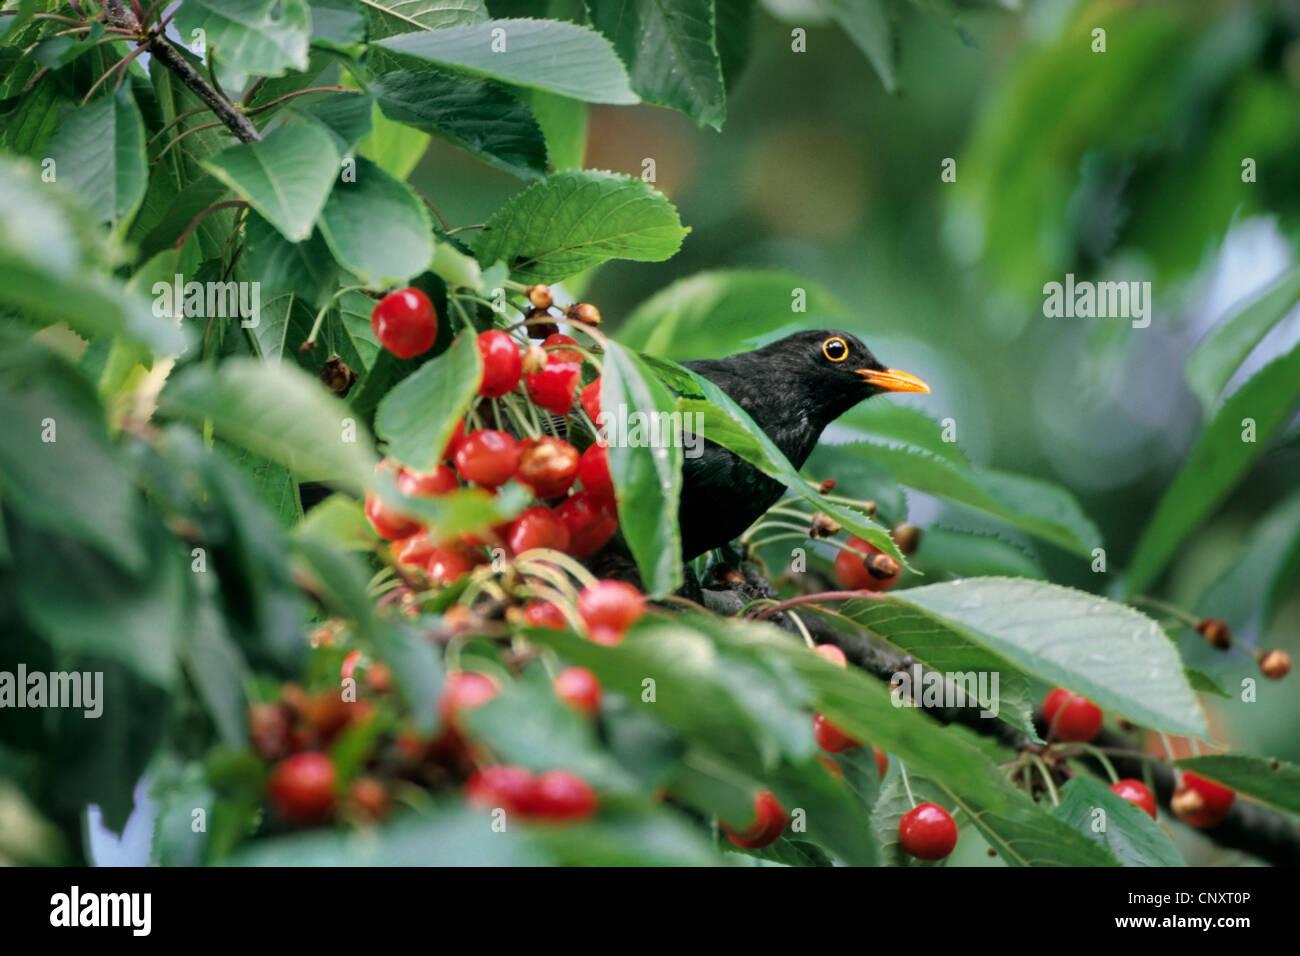 CNXT BLACKBIRD WINDOWS 8.1 DRIVER